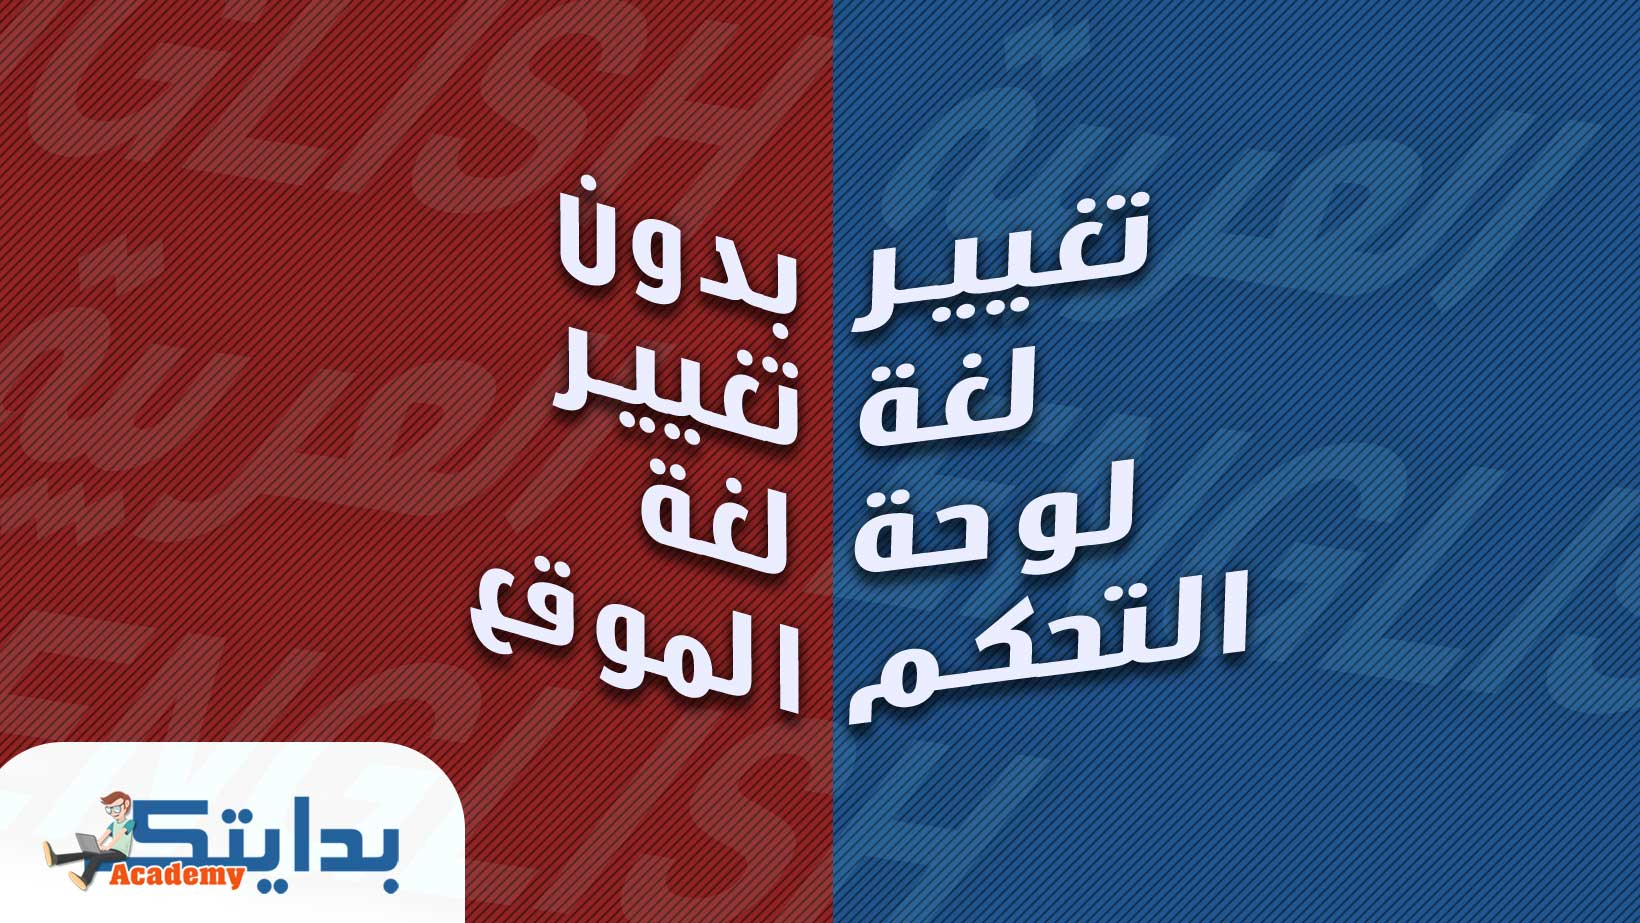 تفعيل لوحة التحكم الانجليزية في موقع ووردبريس عربي 1